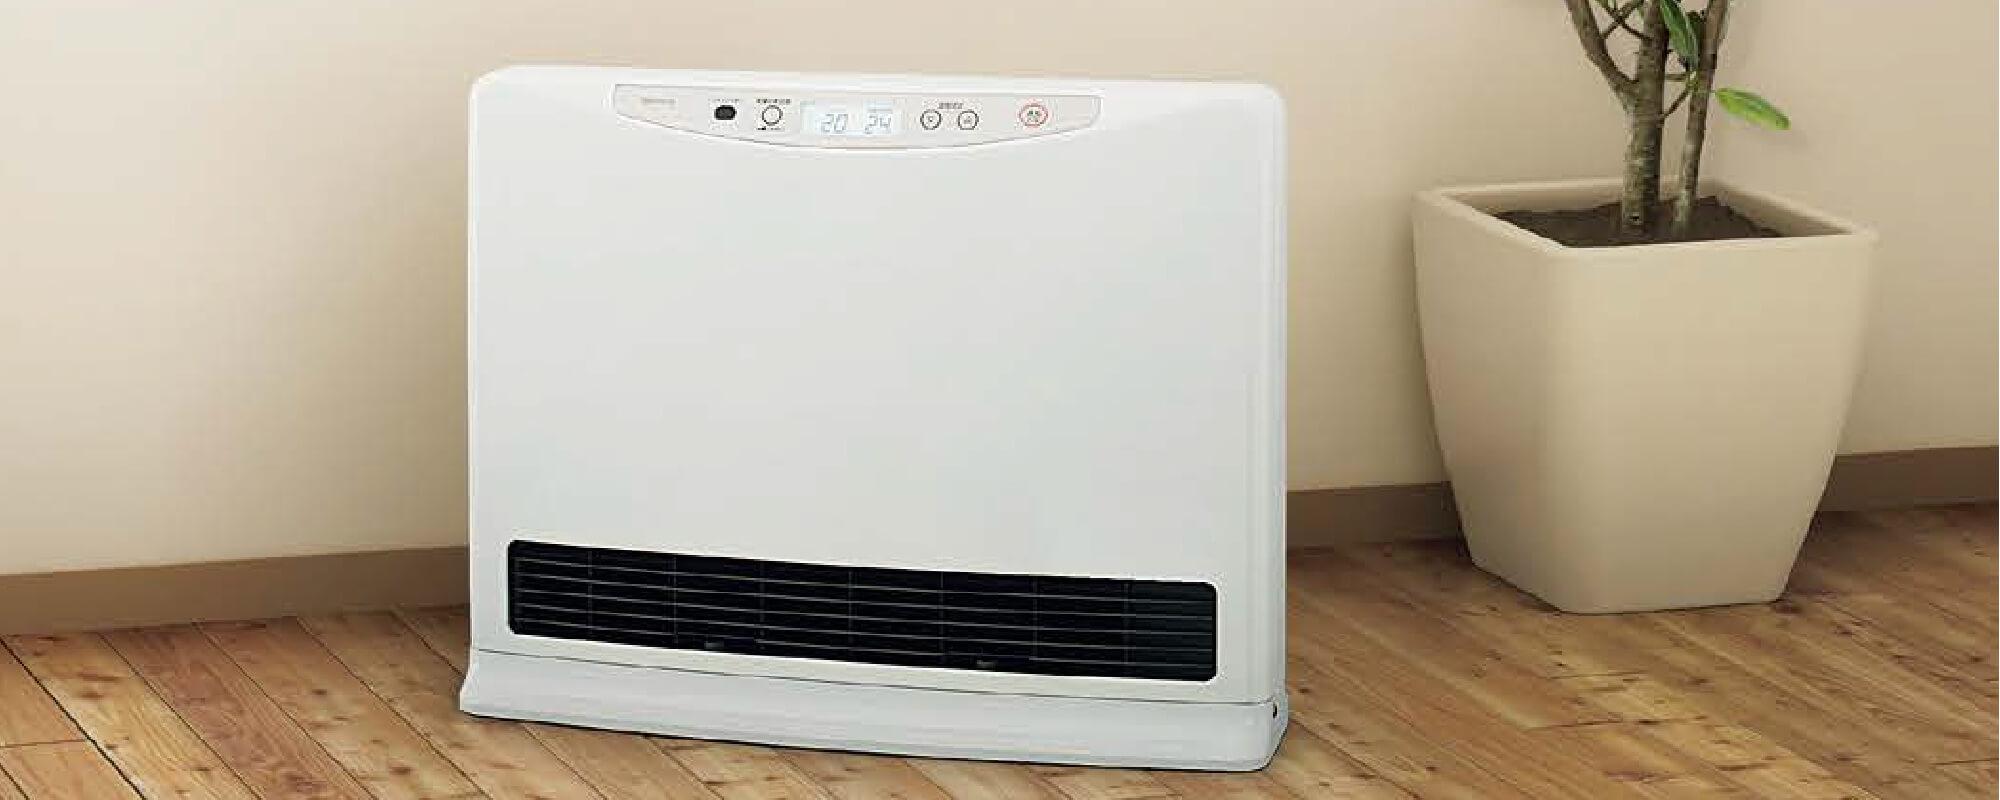 温水ルームヒーター